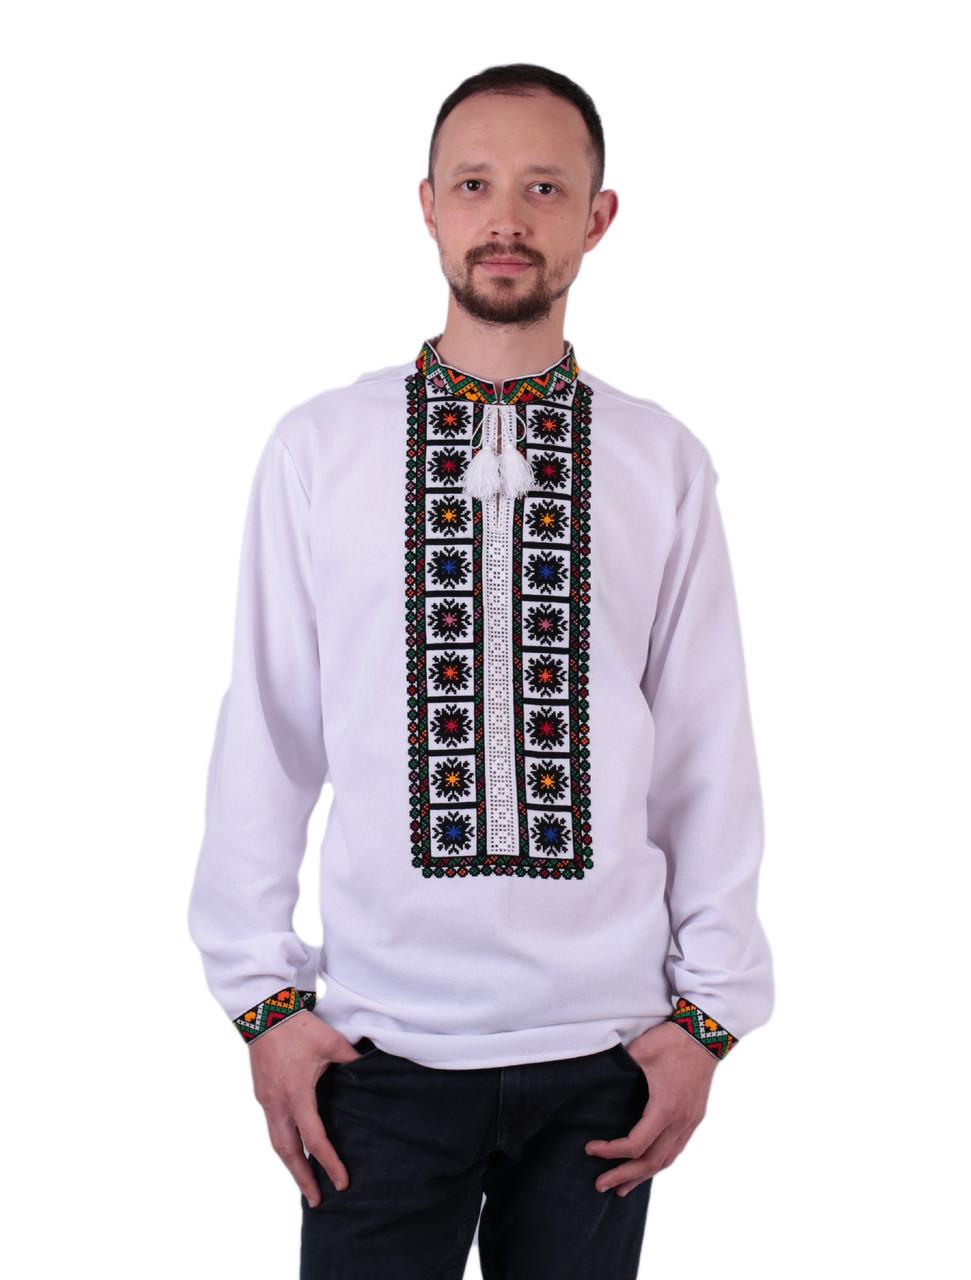 Біла чоловіча вишиванка на довгий рукав з кольоровим орнаментом ручної роботи